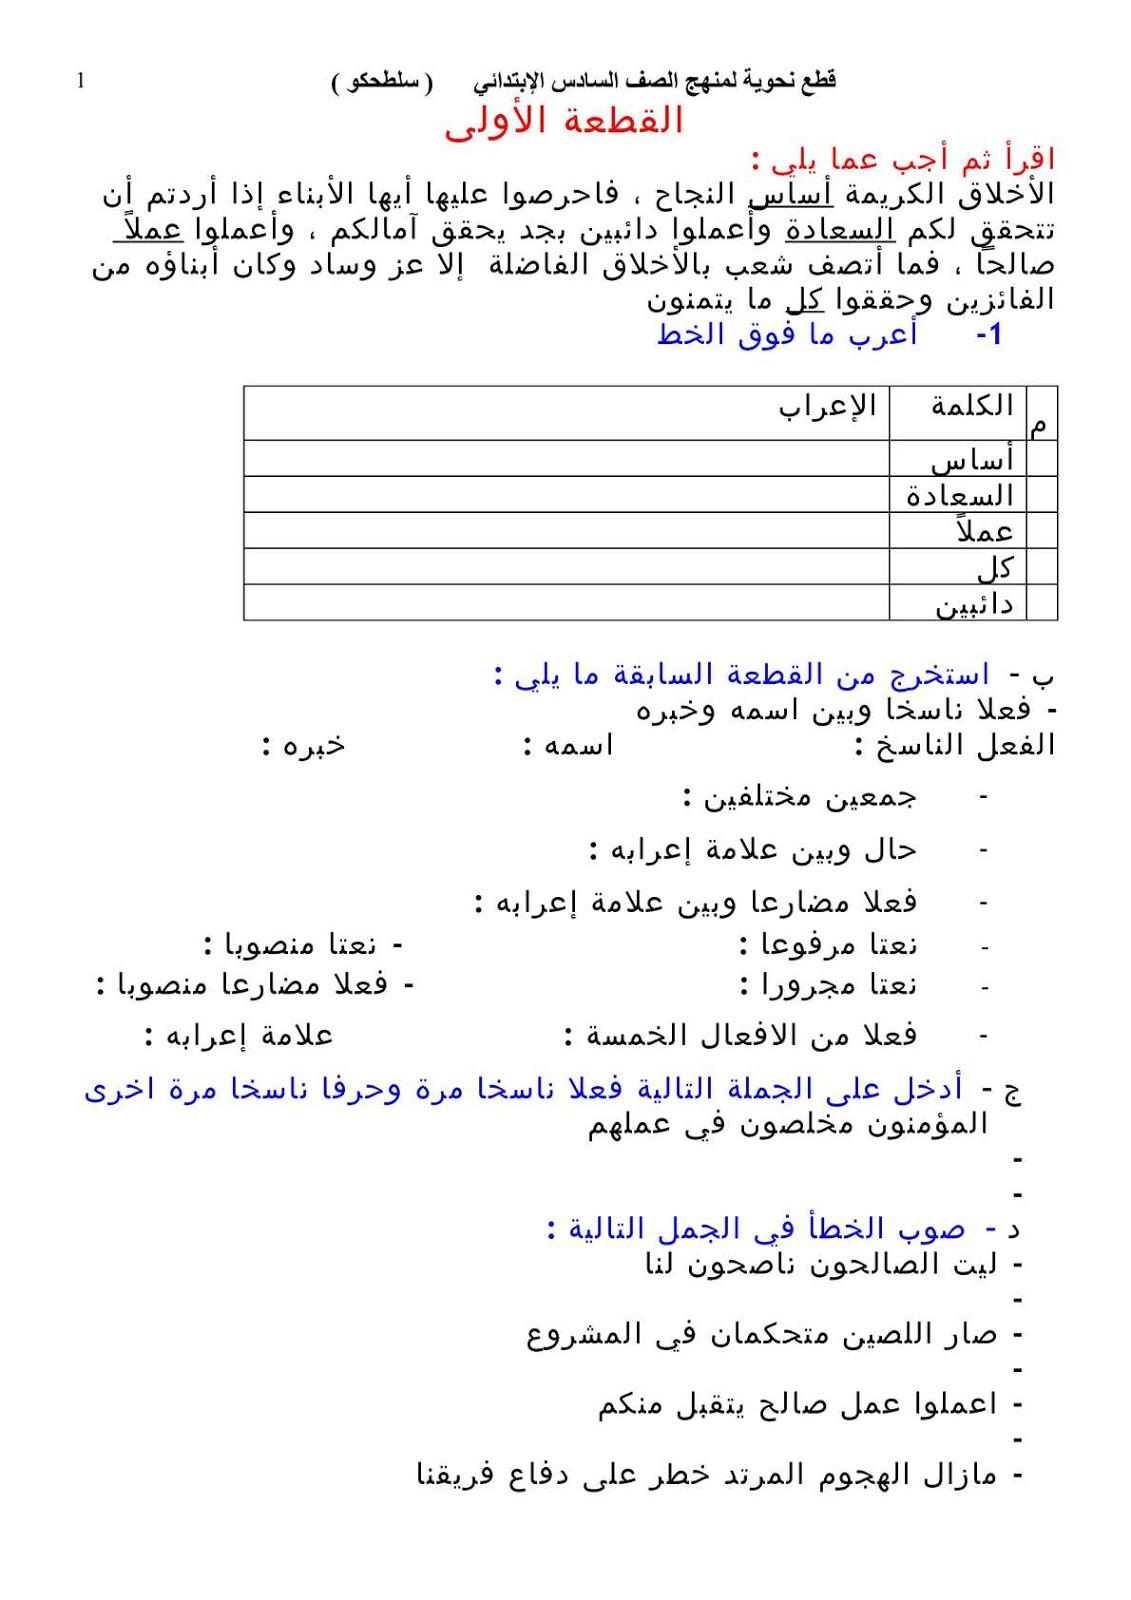 مذكرة مادة النحو